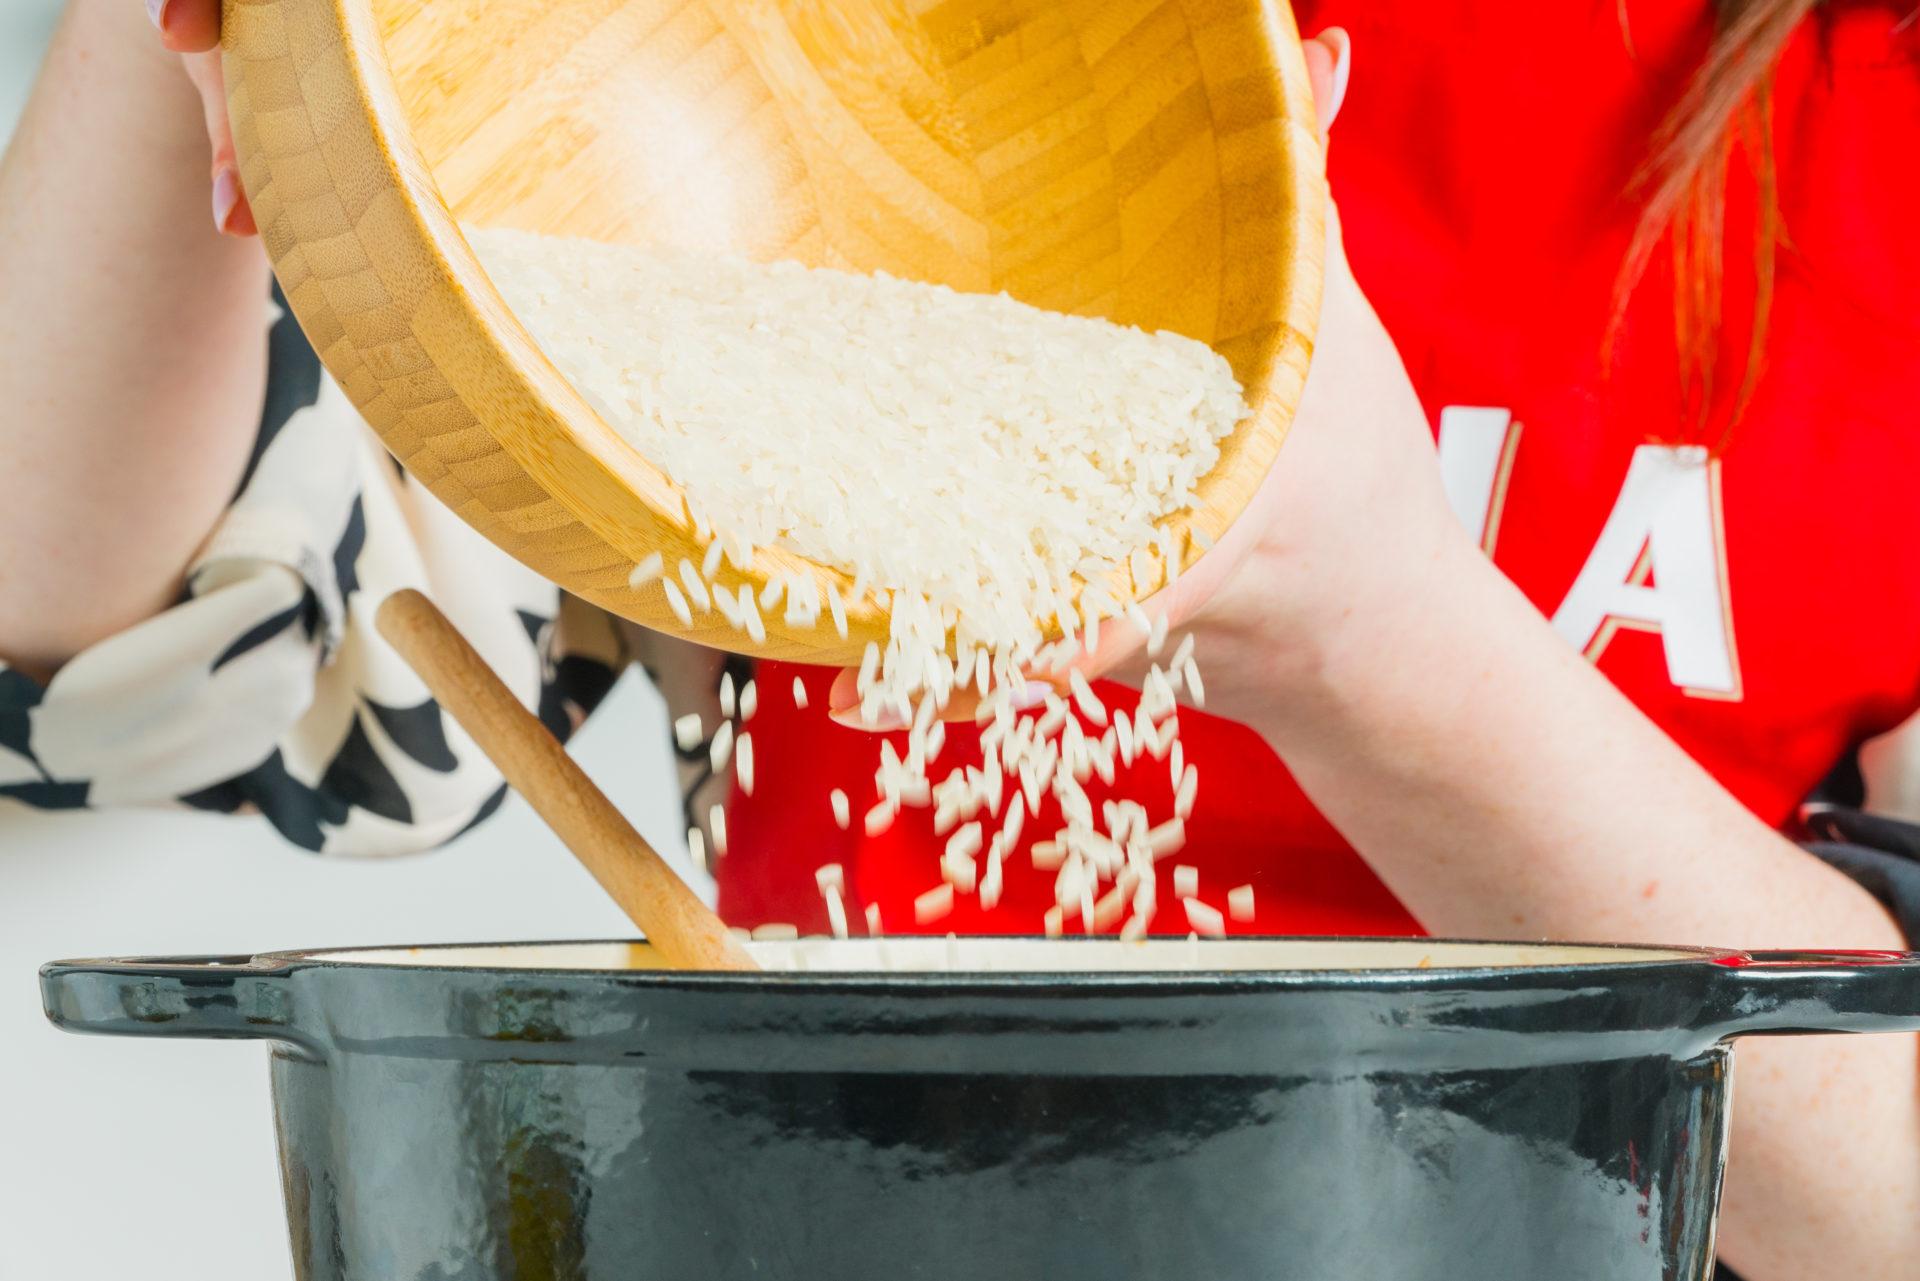 Adição de arroz agulha cigala no tacho